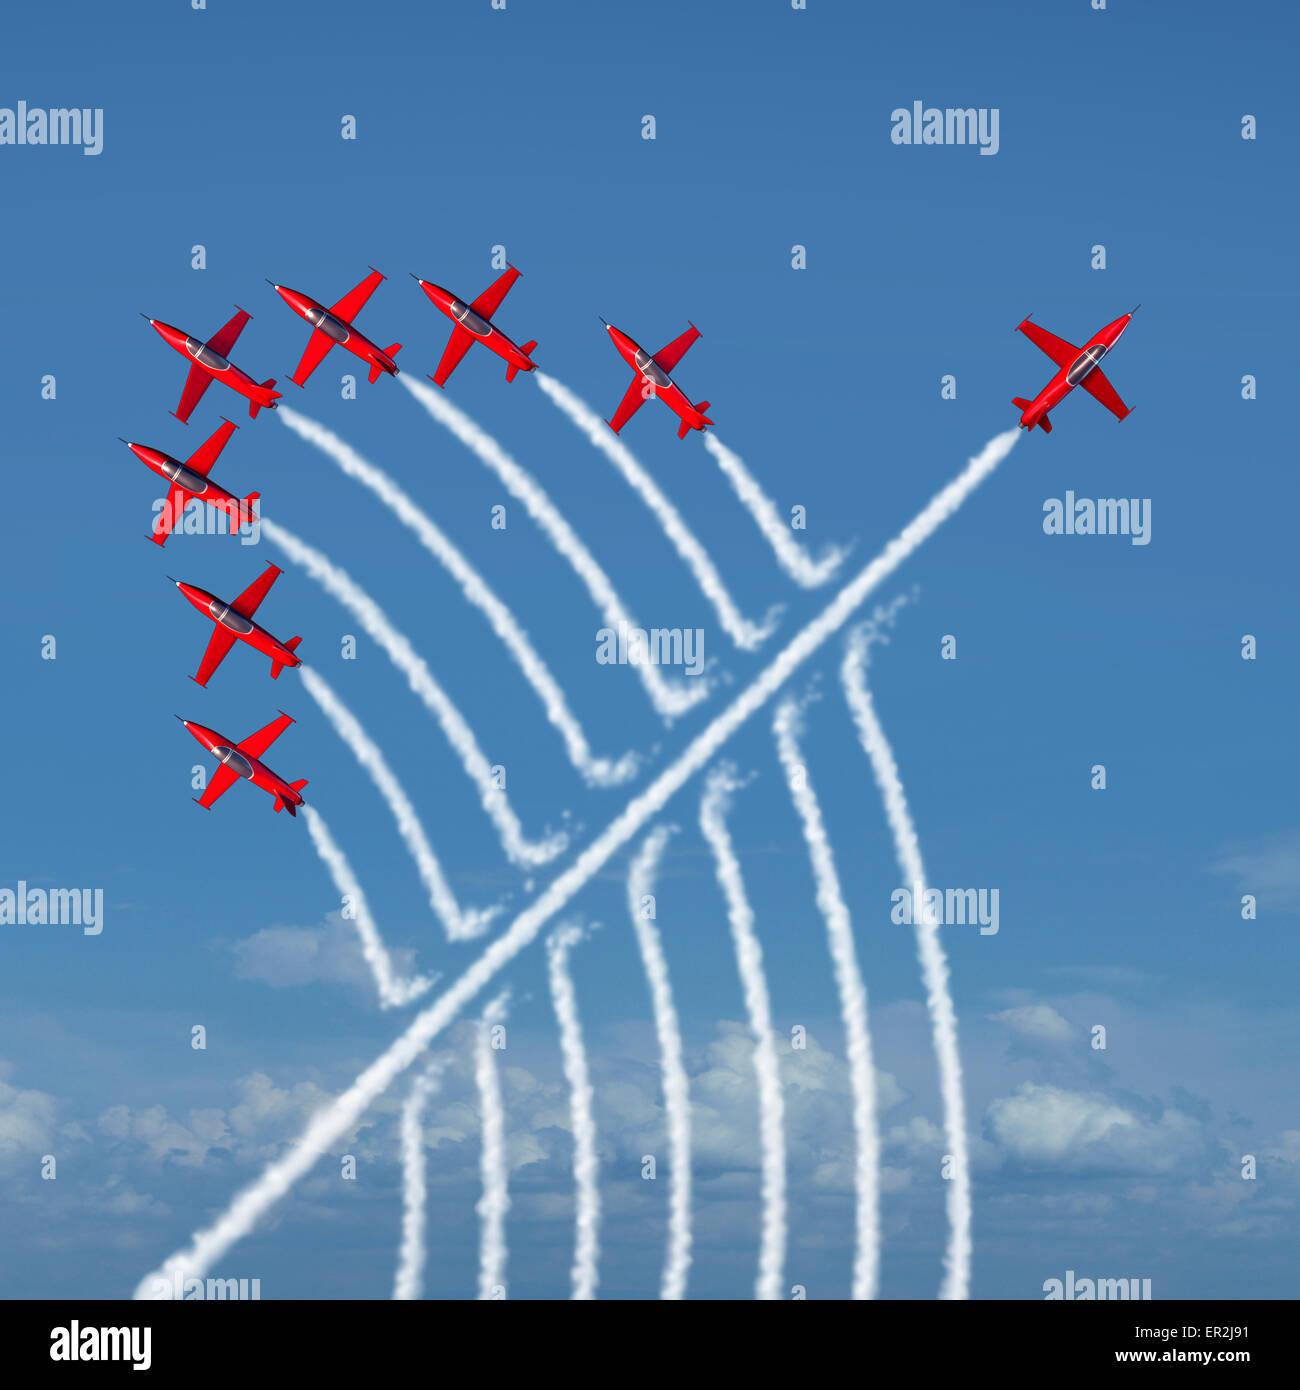 Innovación disruptiva independiente el concepto de liderazgo y la individualidad como un grupo de aviones acrobáticos Imagen De Stock